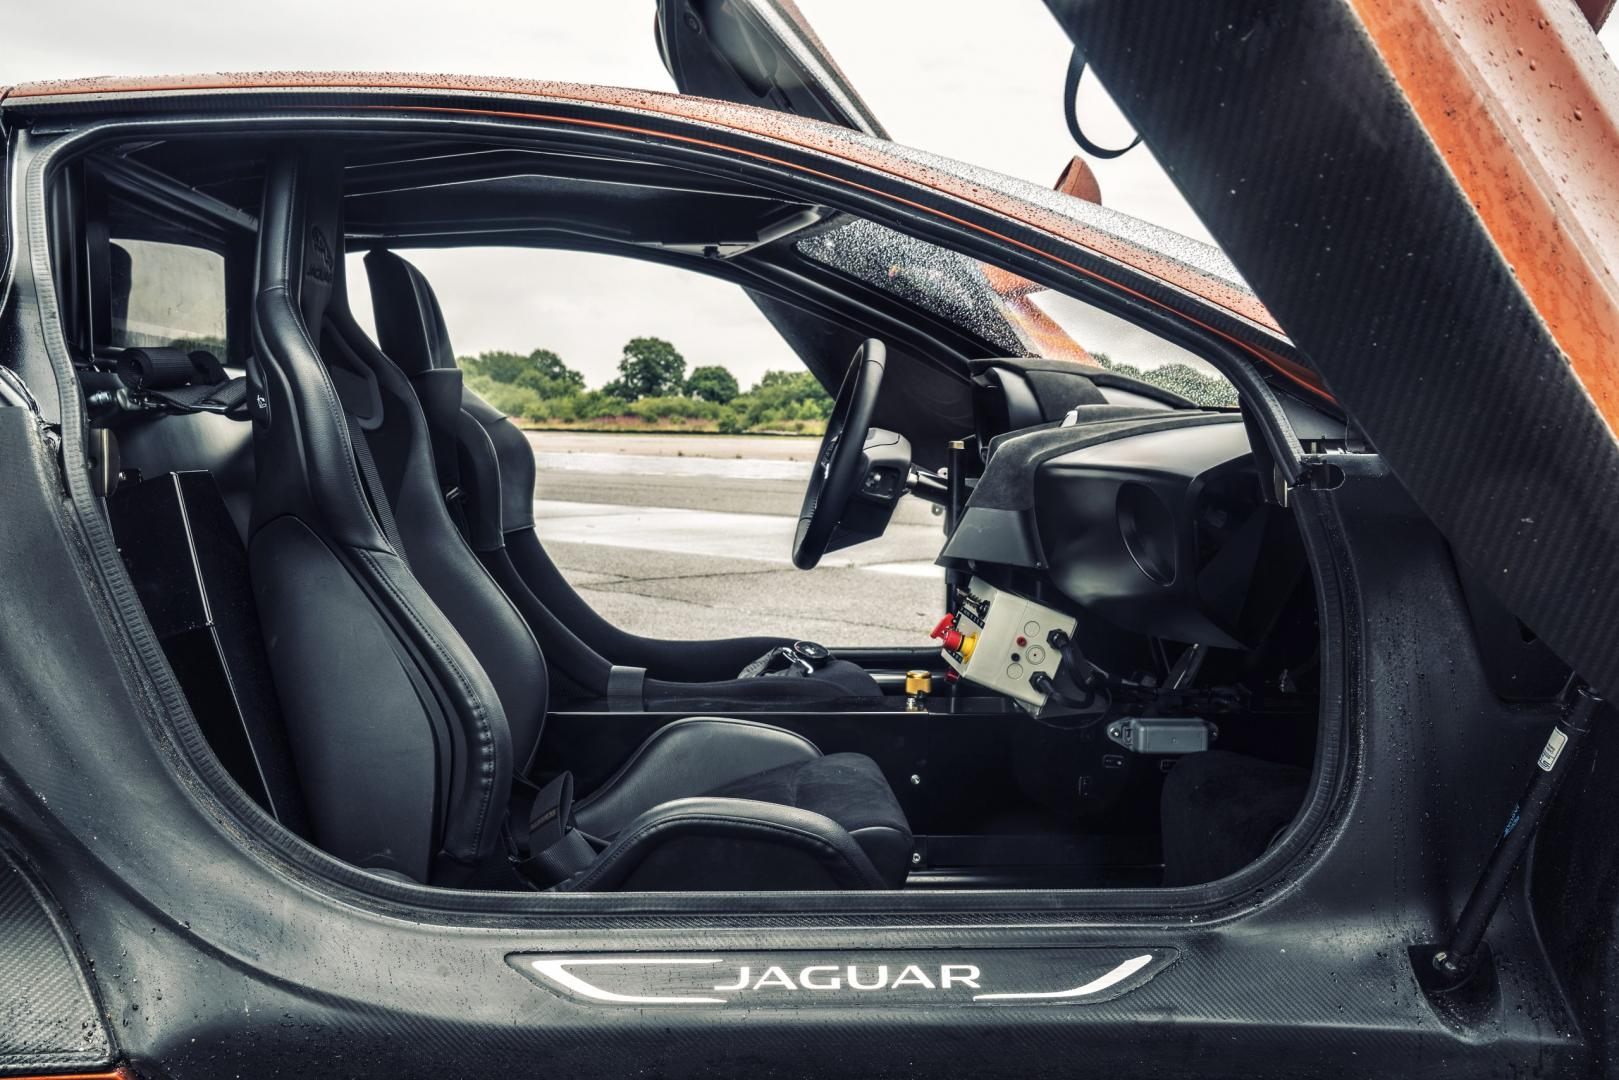 Jaguar C-X75 interieur (2016)